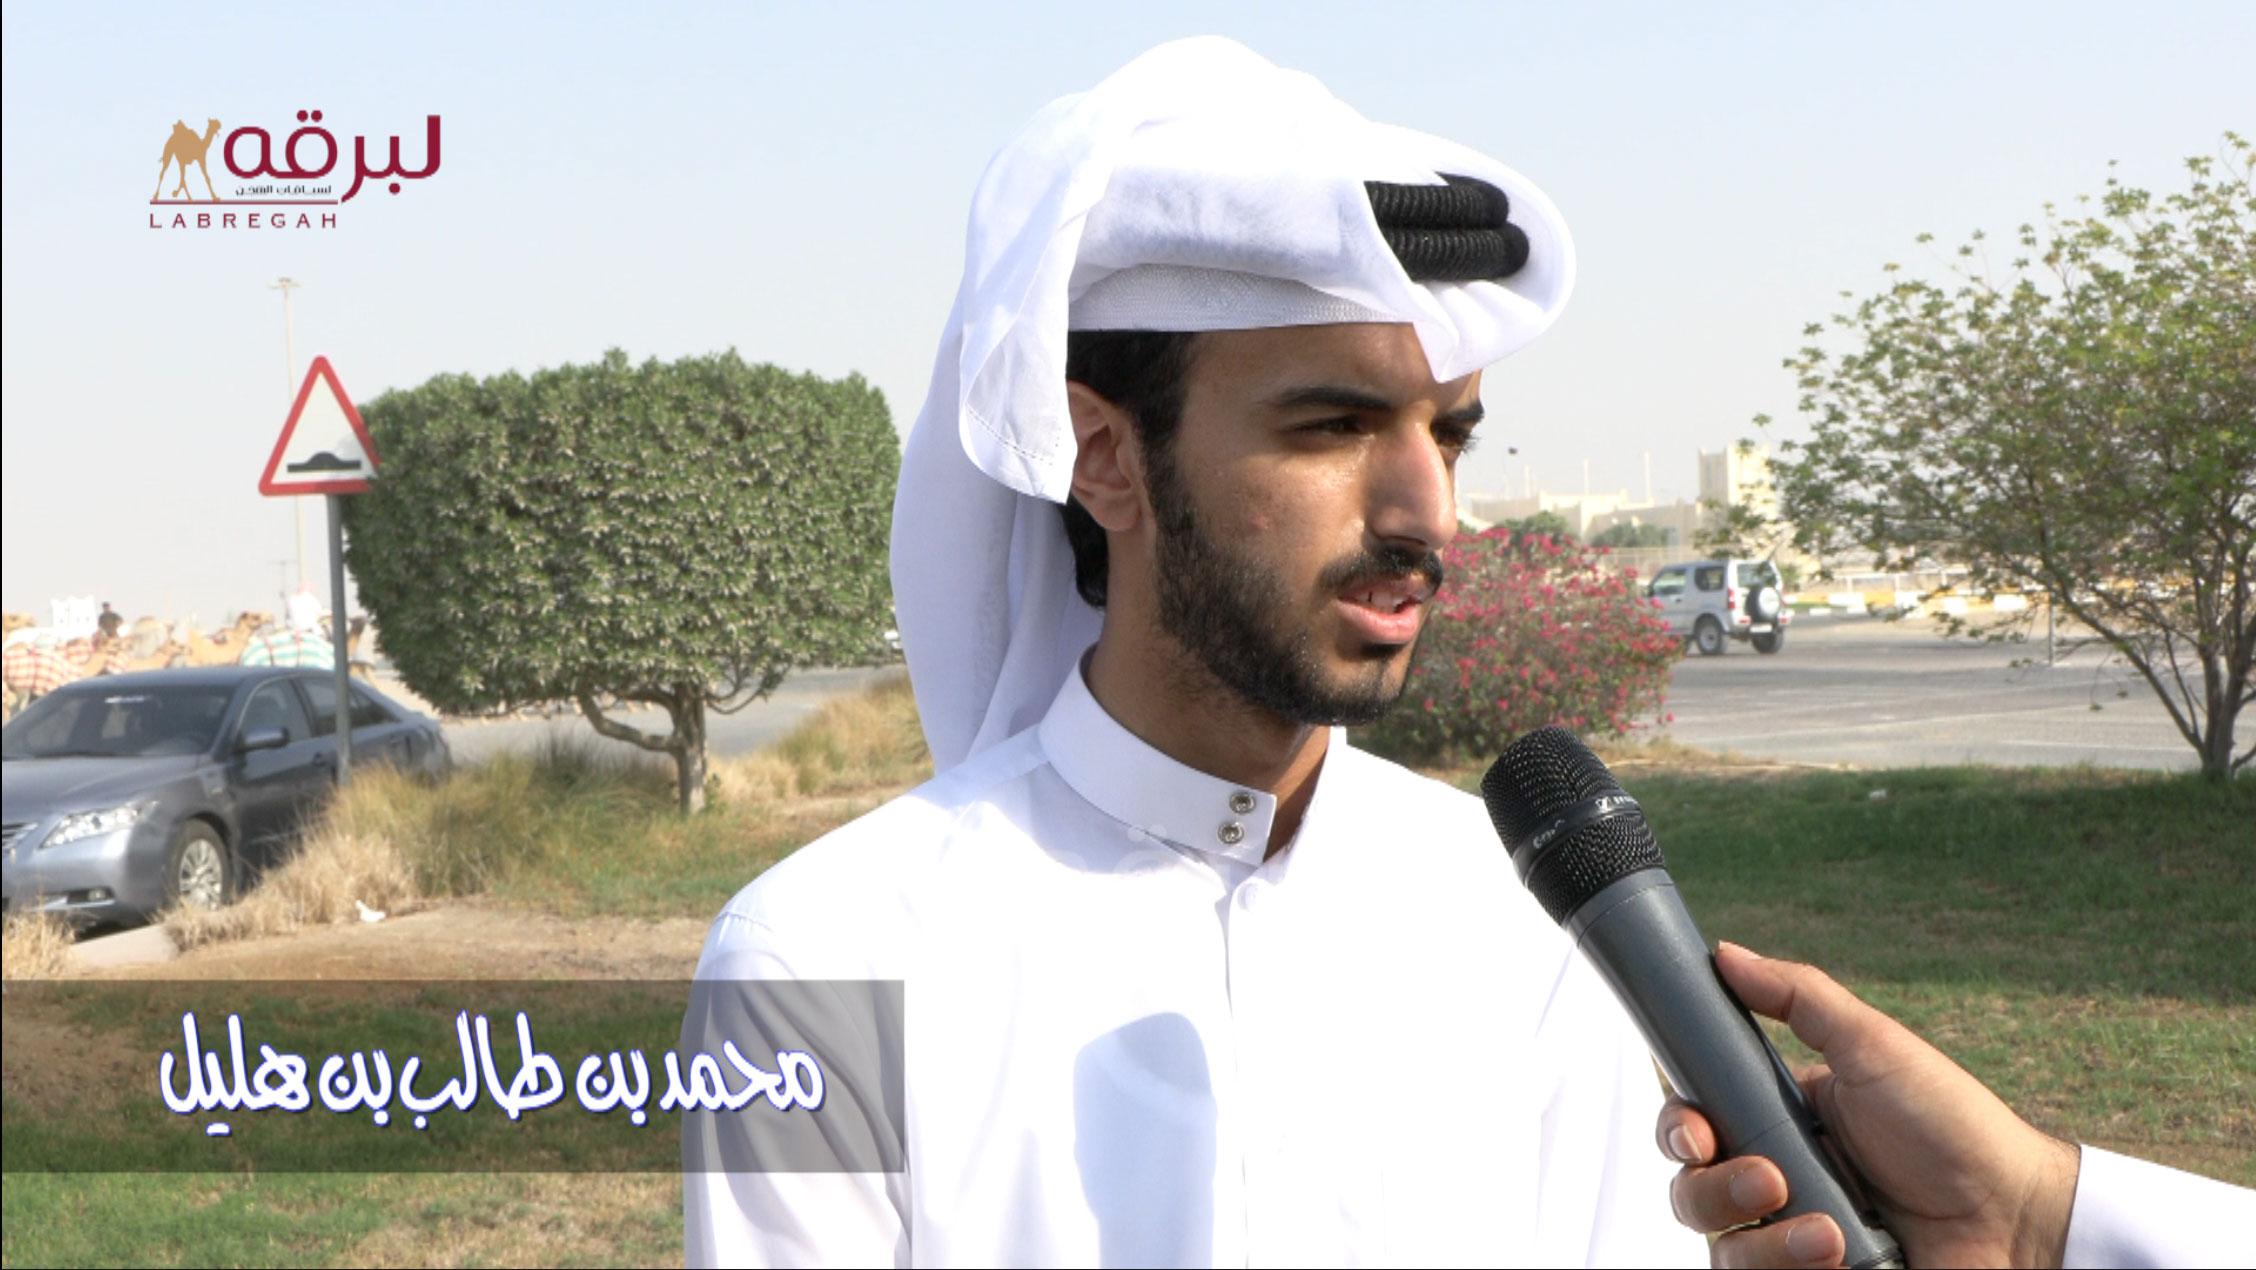 لقاء مع محمد بن طالب بن هليل.. الشوط الرئيسي جذاع قعدان إنتاج ميدان الشحانية ٨-٩-٢٠٢١